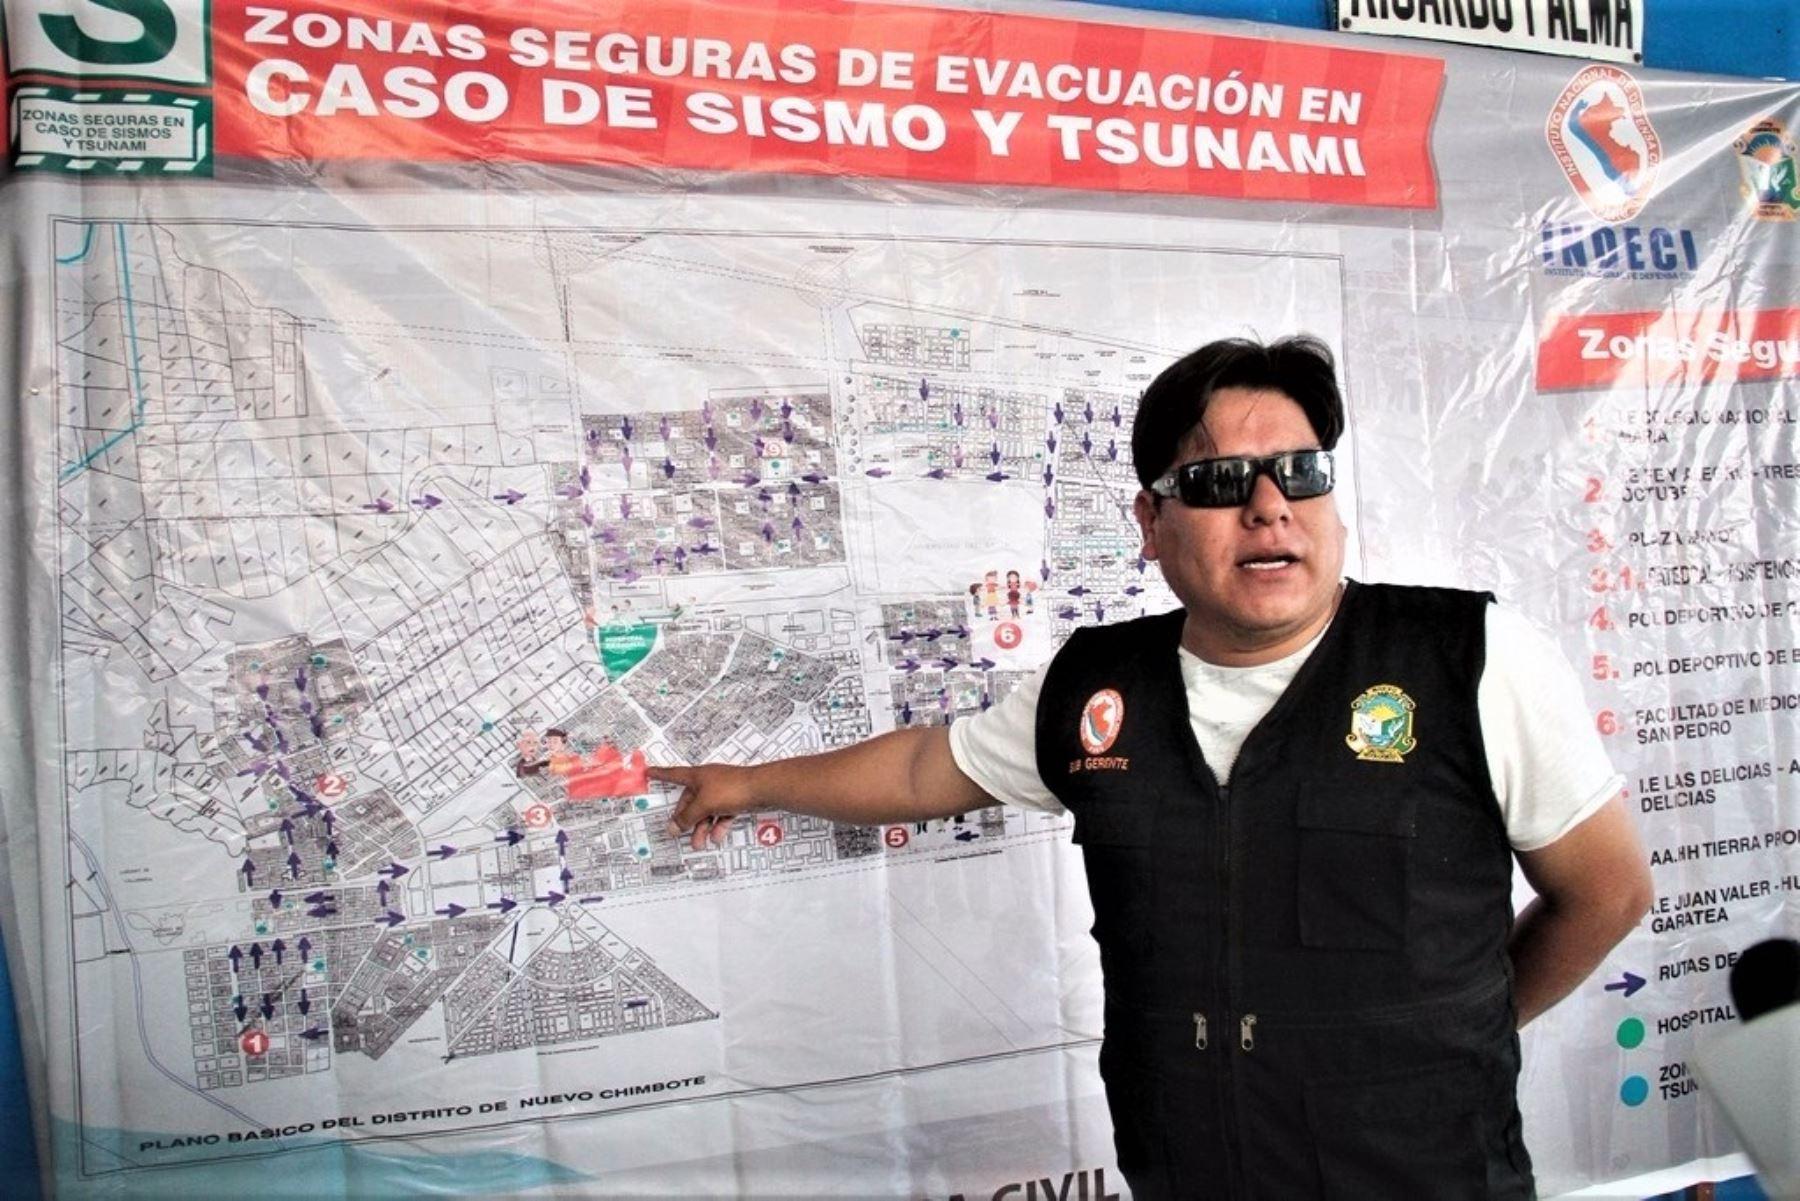 Se considera terremoto a un movimiento telúrico de 7.5 grados a más en la escala de Richter.